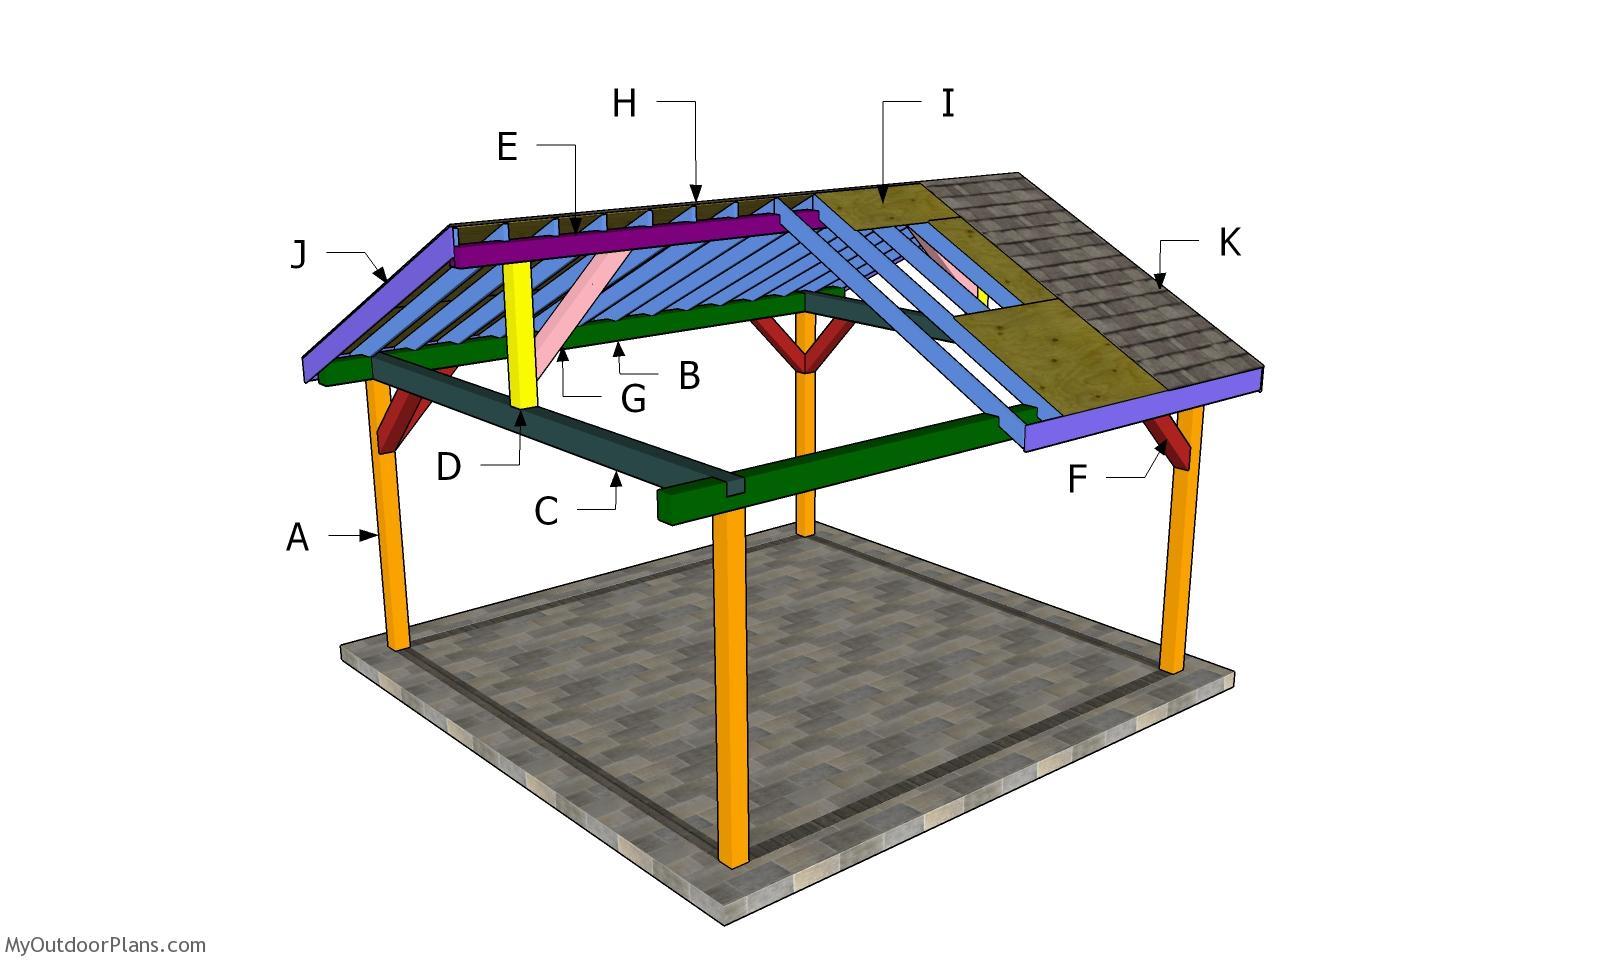 16x16 Gable Roof Pavilion Plans